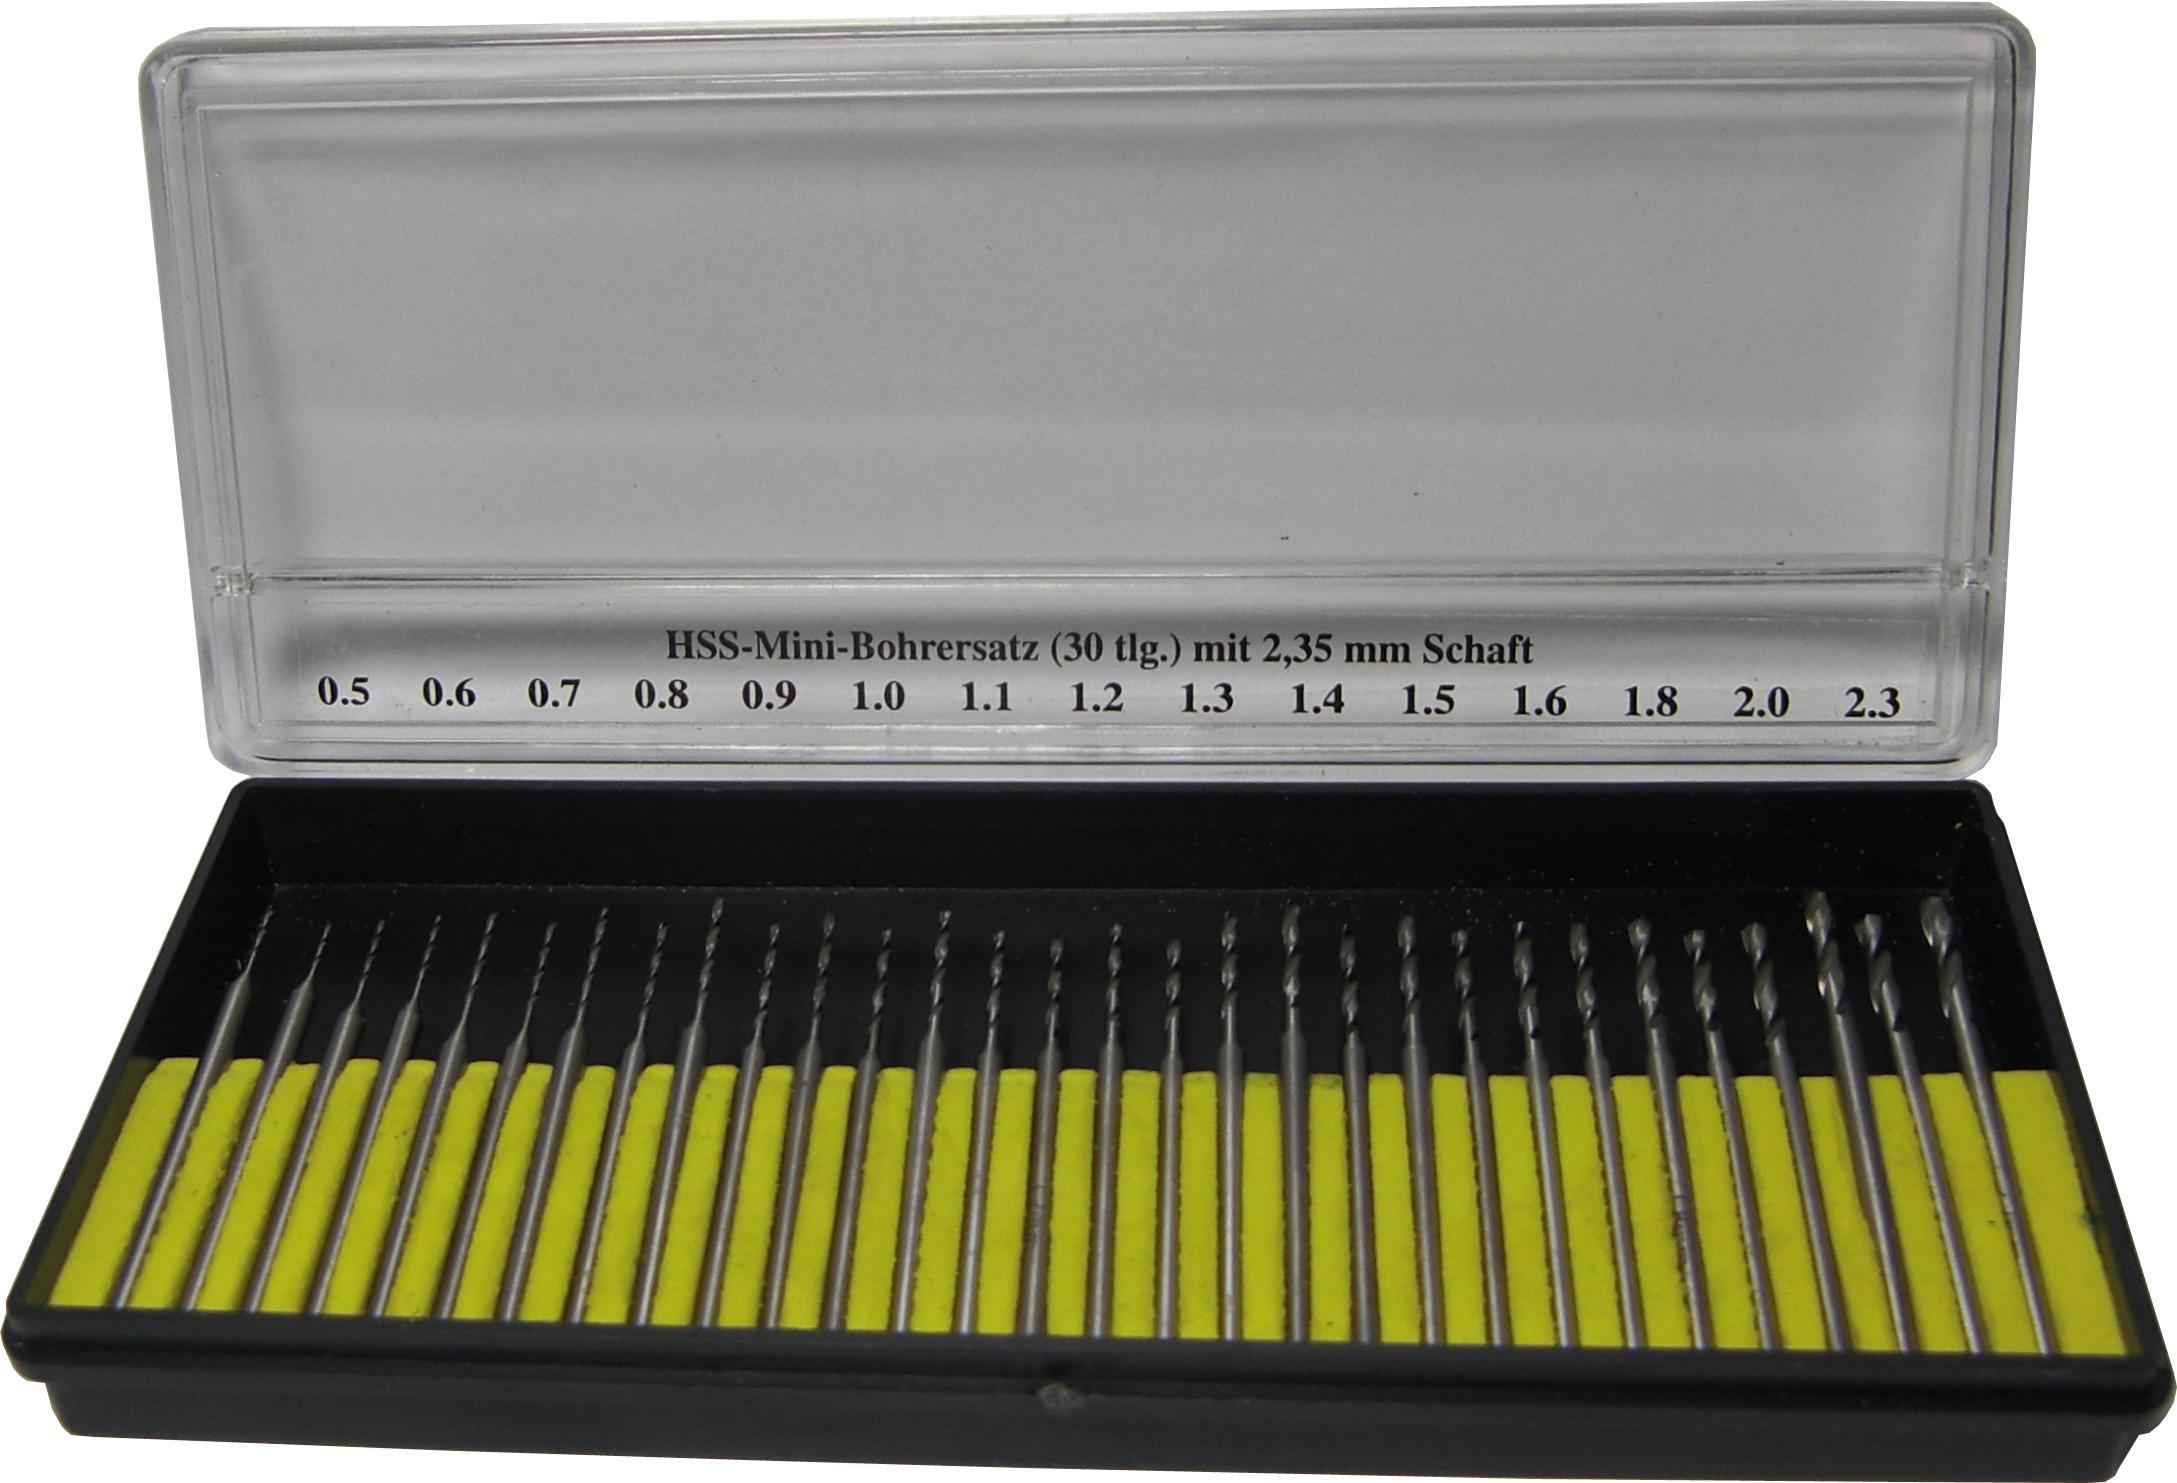 HSS-Mini-Bohrersatz mit 2,35 mm Schaft 30-tlg